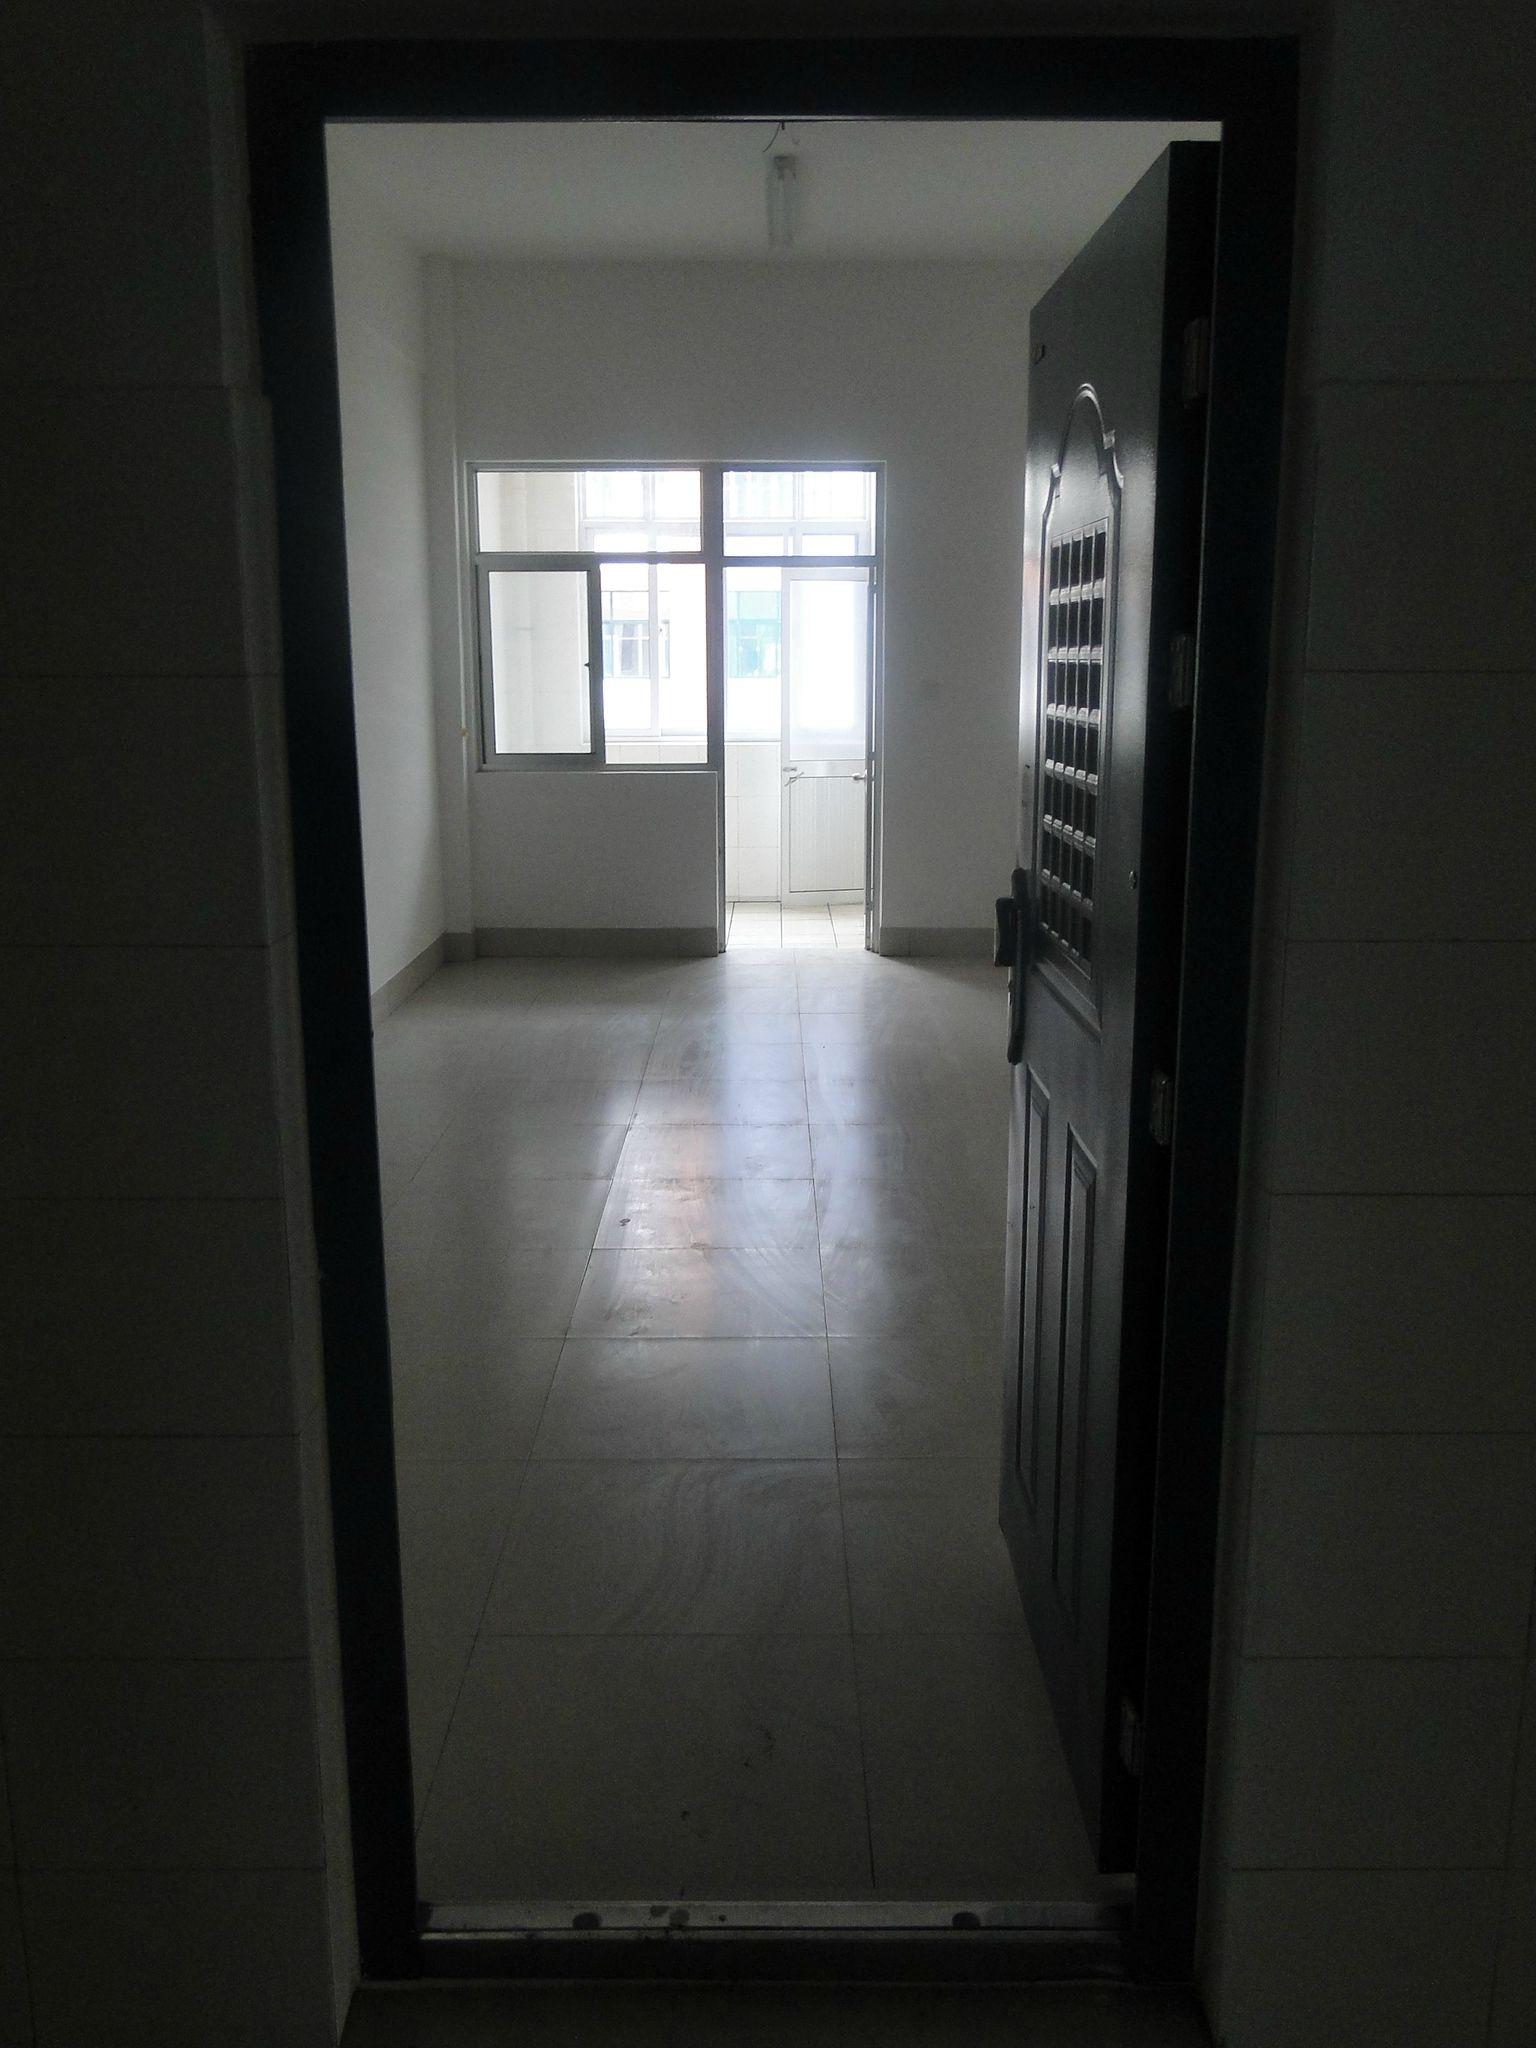 公寓楼:啊呀卧槽!宿舍就是好,独立厕所,3个灯,两个吊扇,8个插高清图片